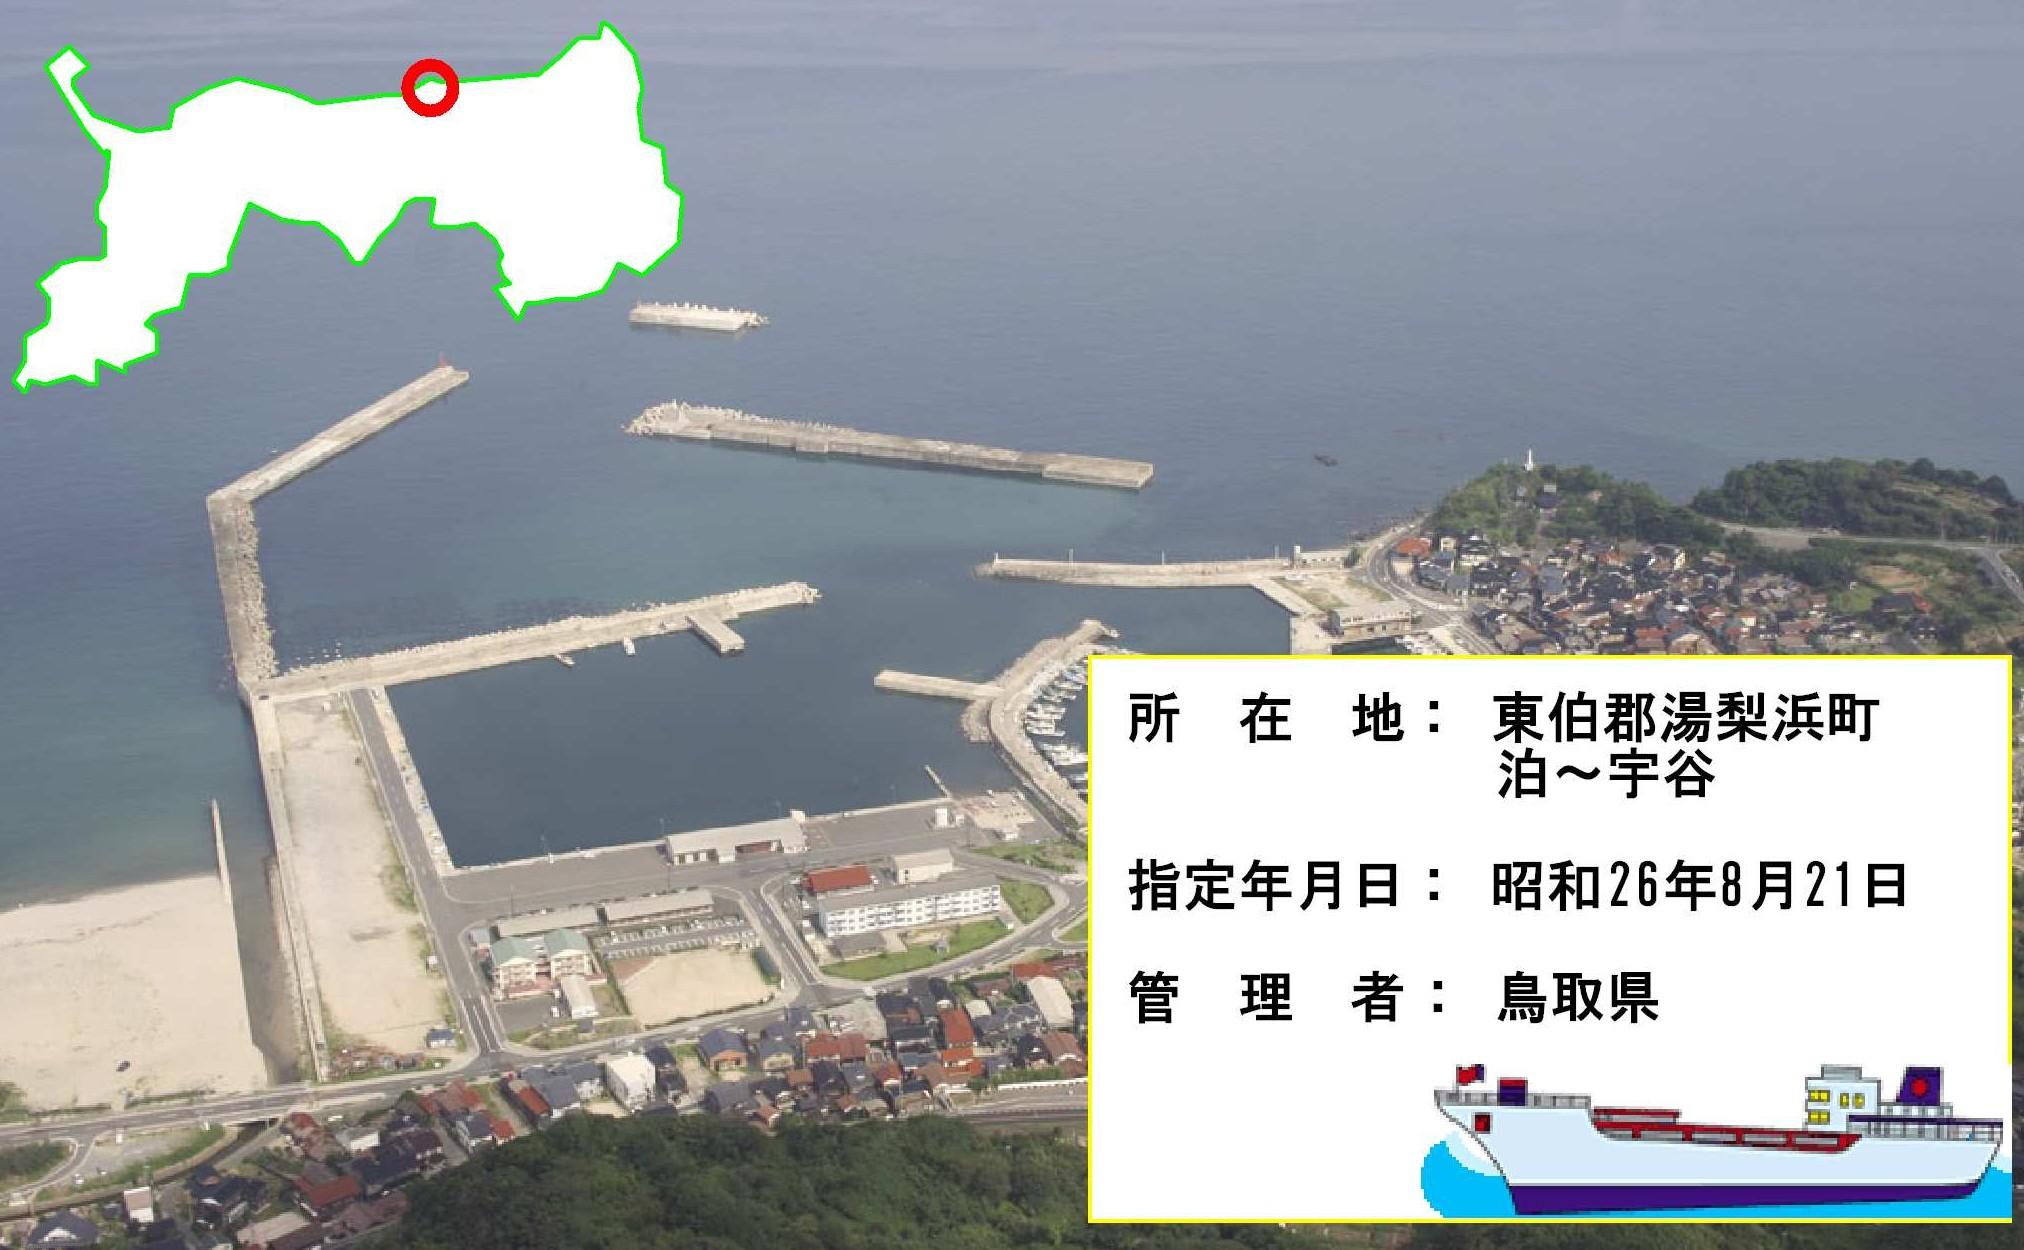 泊漁港/とりネット/鳥取県公式サイト